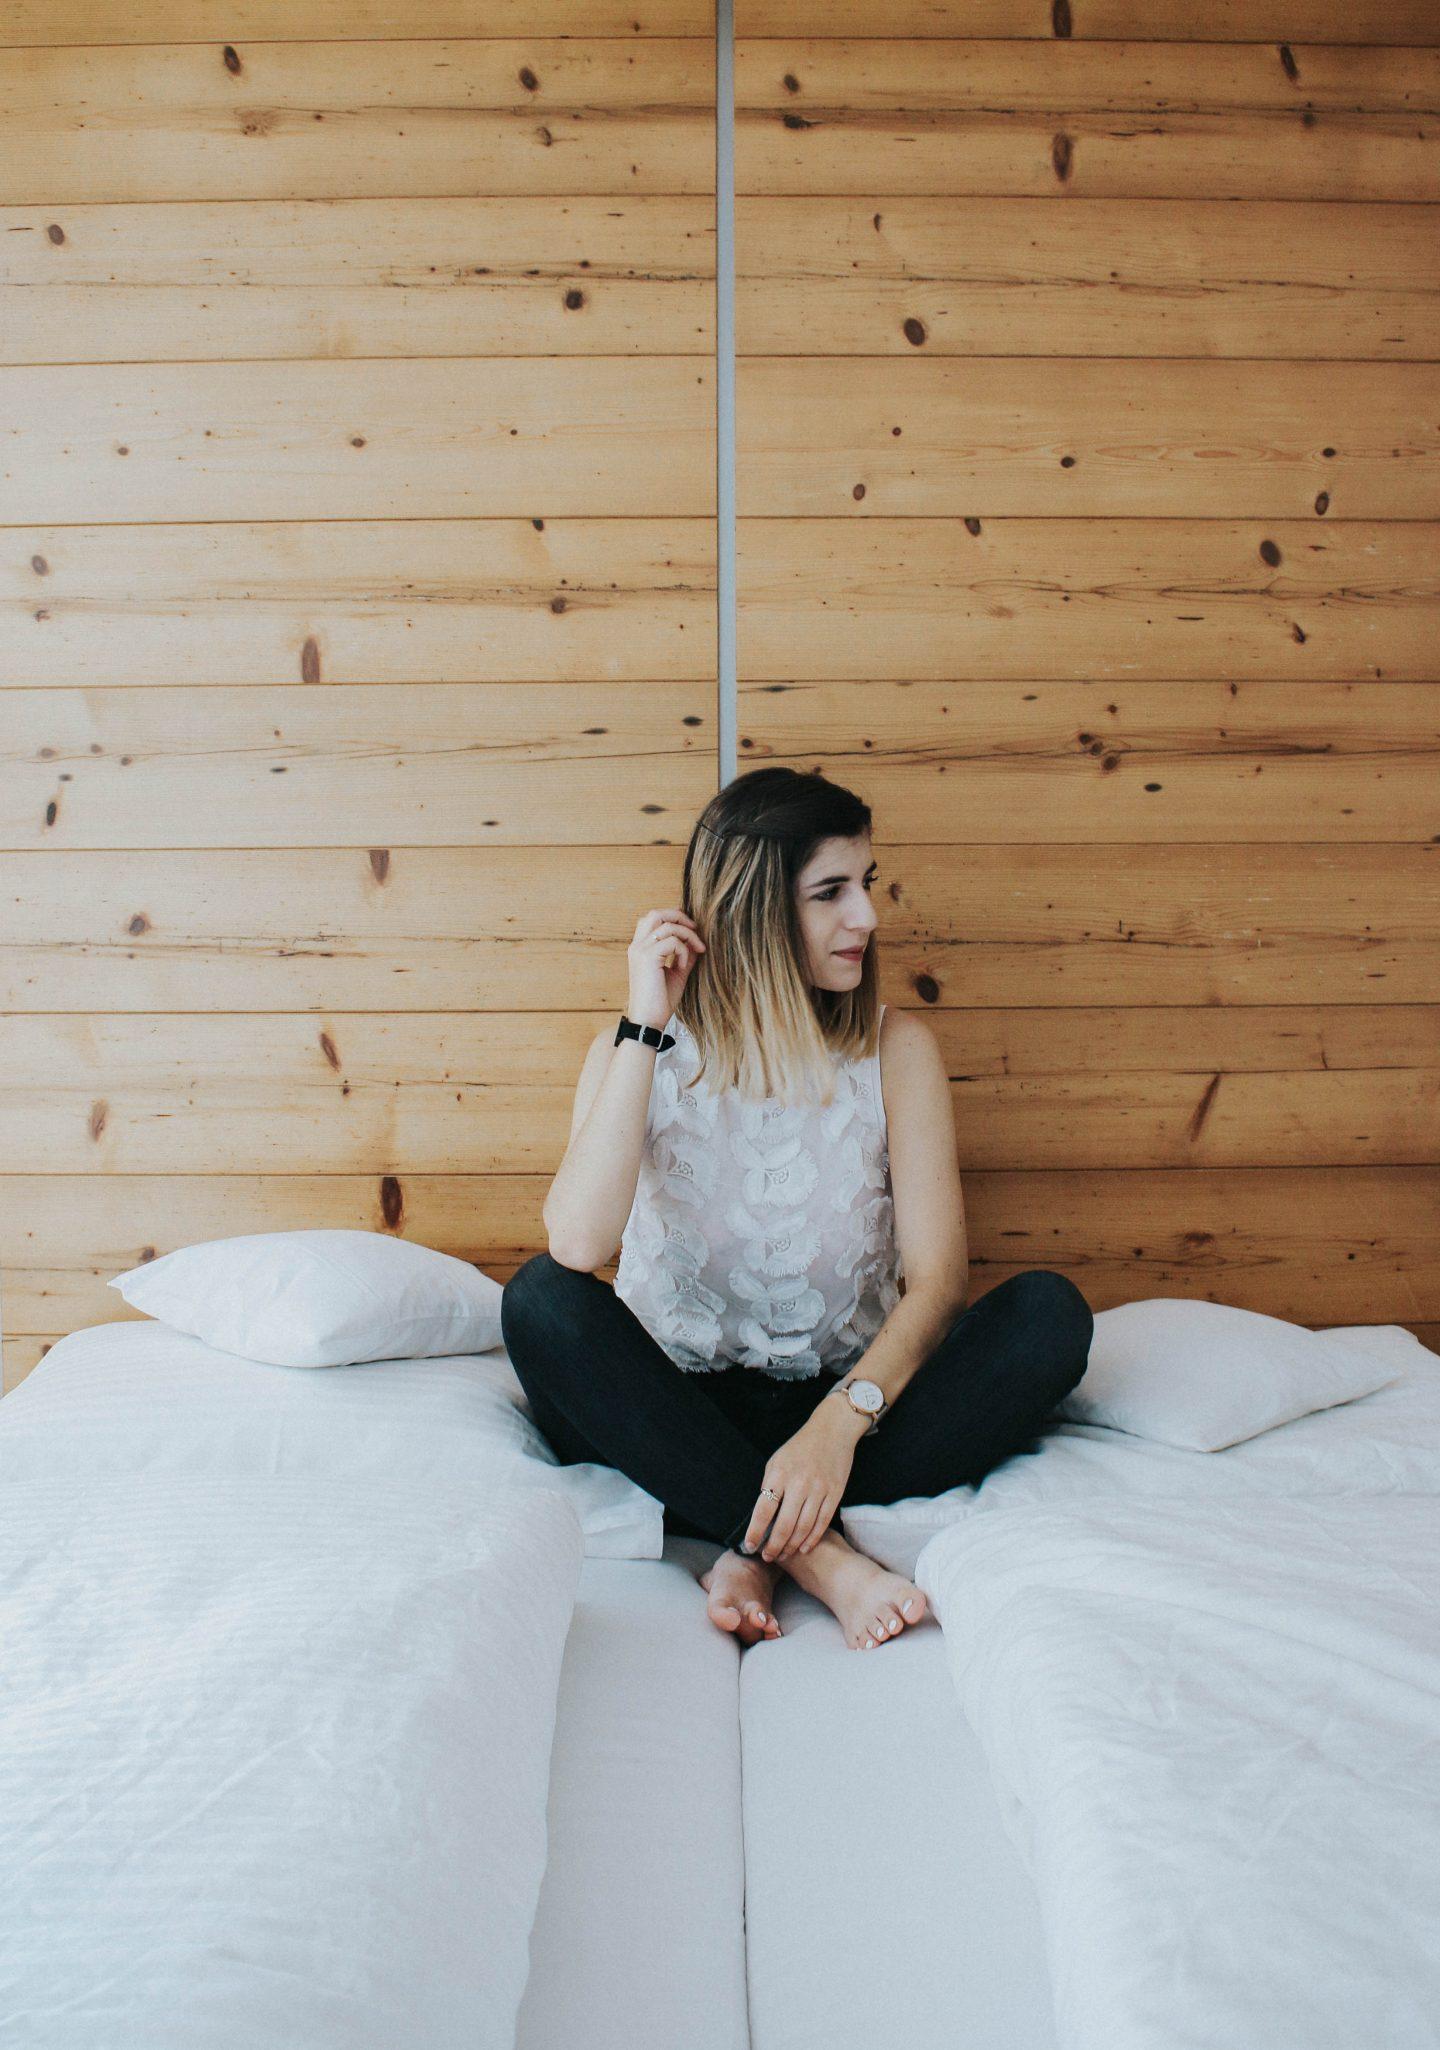 Endlich besser schlafen - 10 Tipps für besseren Schlaf